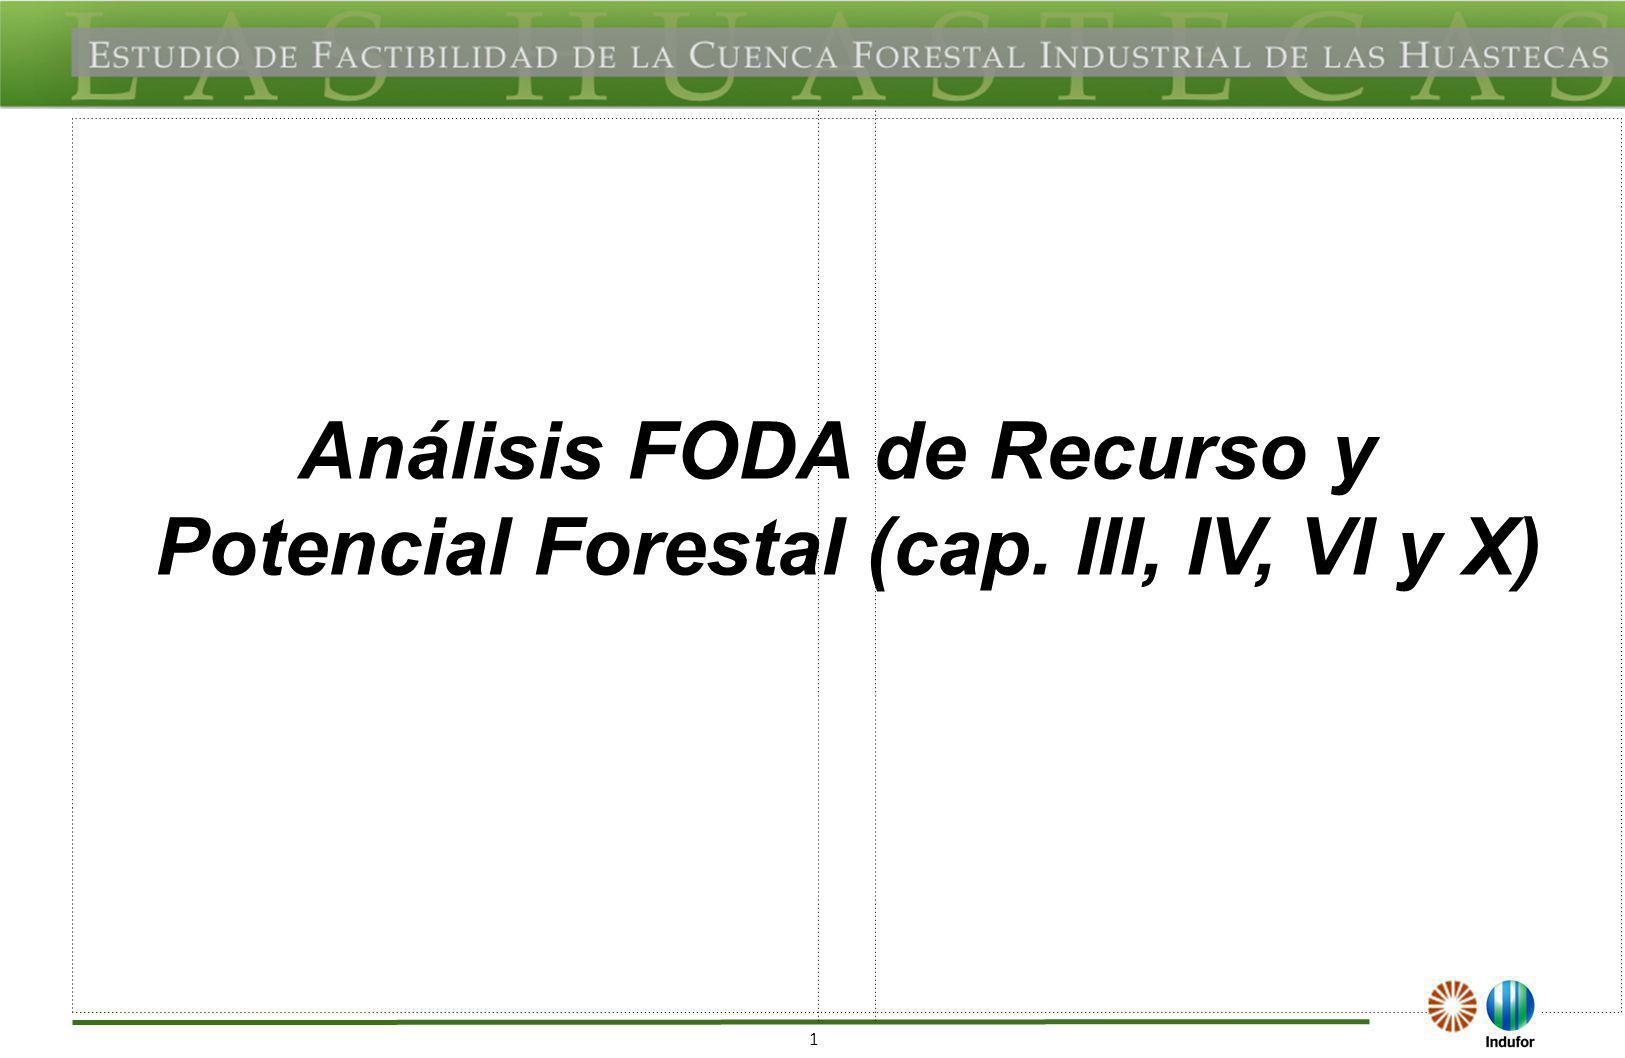 FODA DEL REGIONAL DEL RECURSO Y POTENCIAL FORESTAL FORTALEZAS (F)